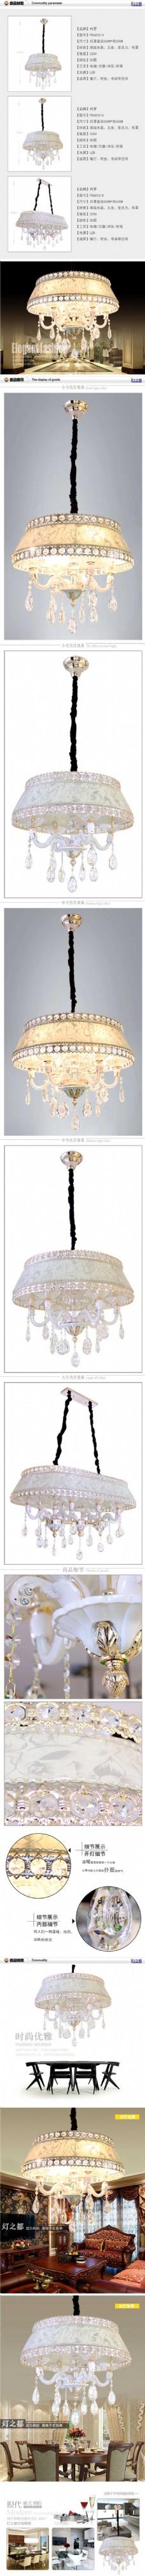 淘宝水晶吊灯灯具描述